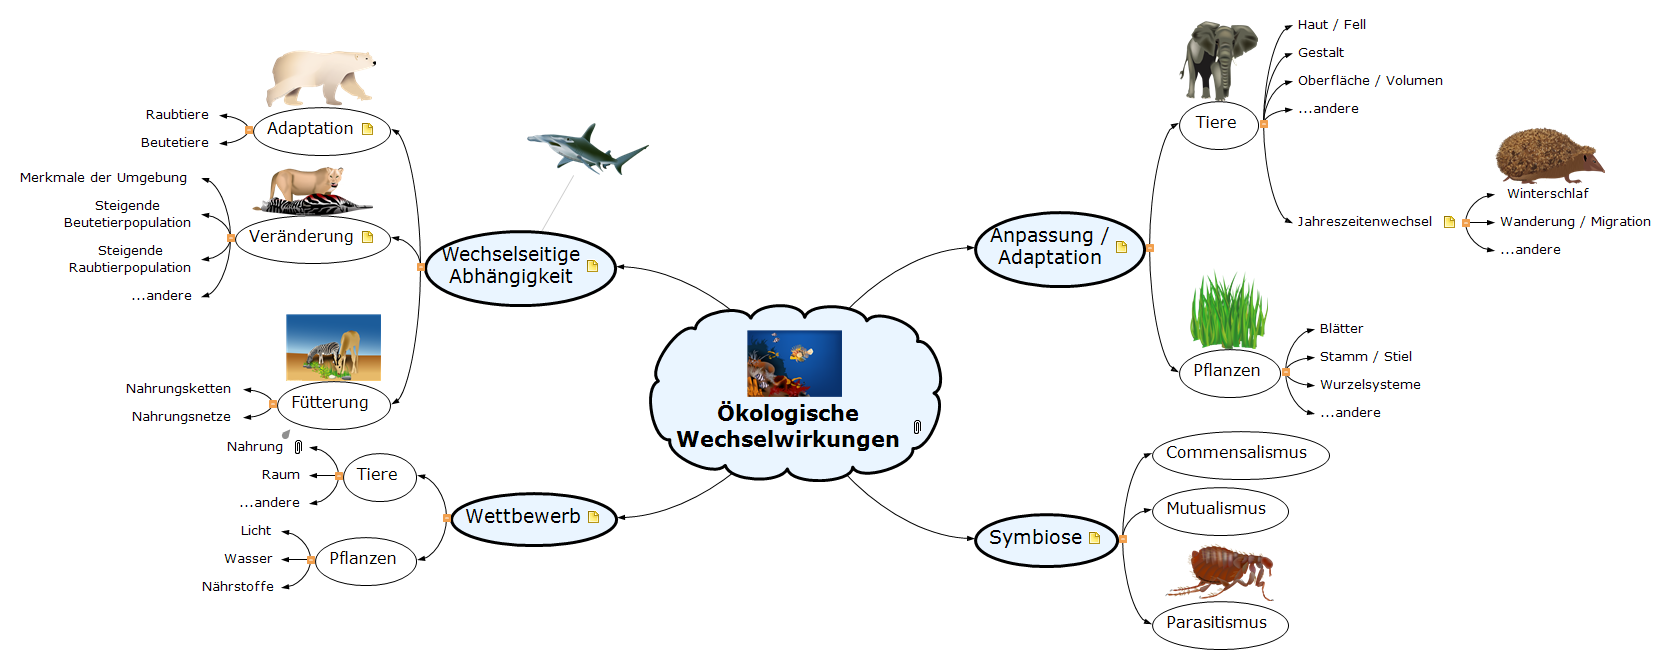 Ökologische Wechselwirkungen Mind Map